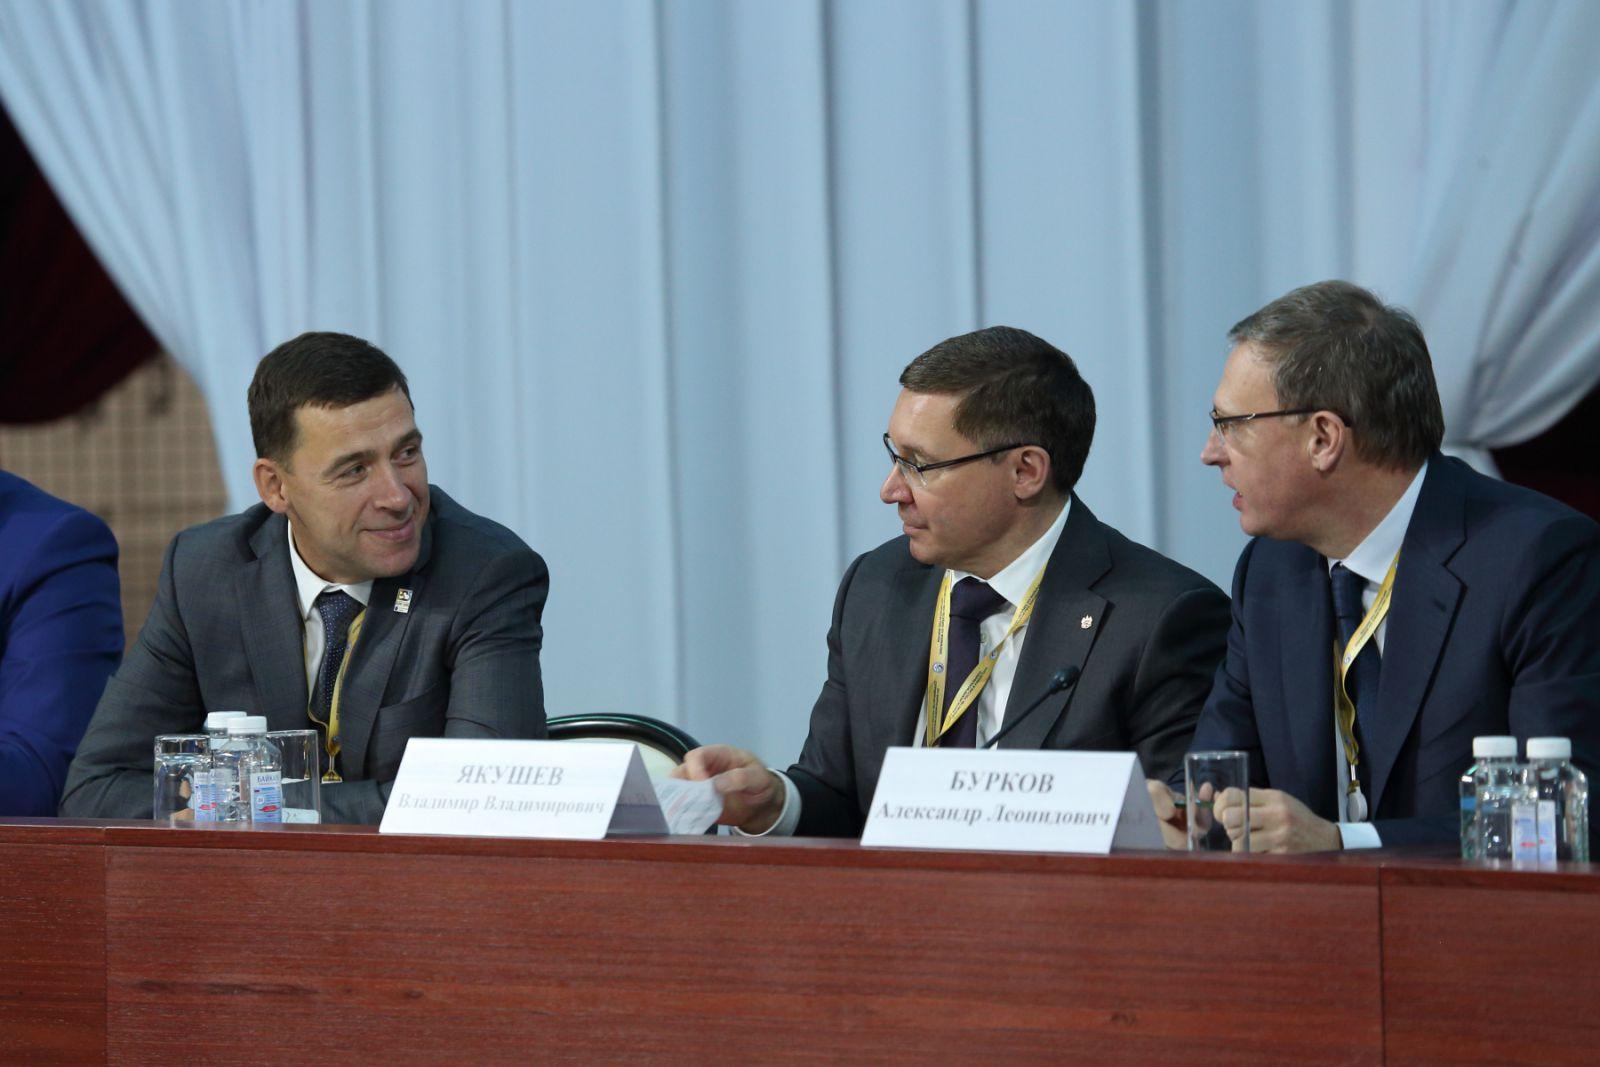 Треть профессий в РФ отомрет вближайшие 10 лет— Кудрин